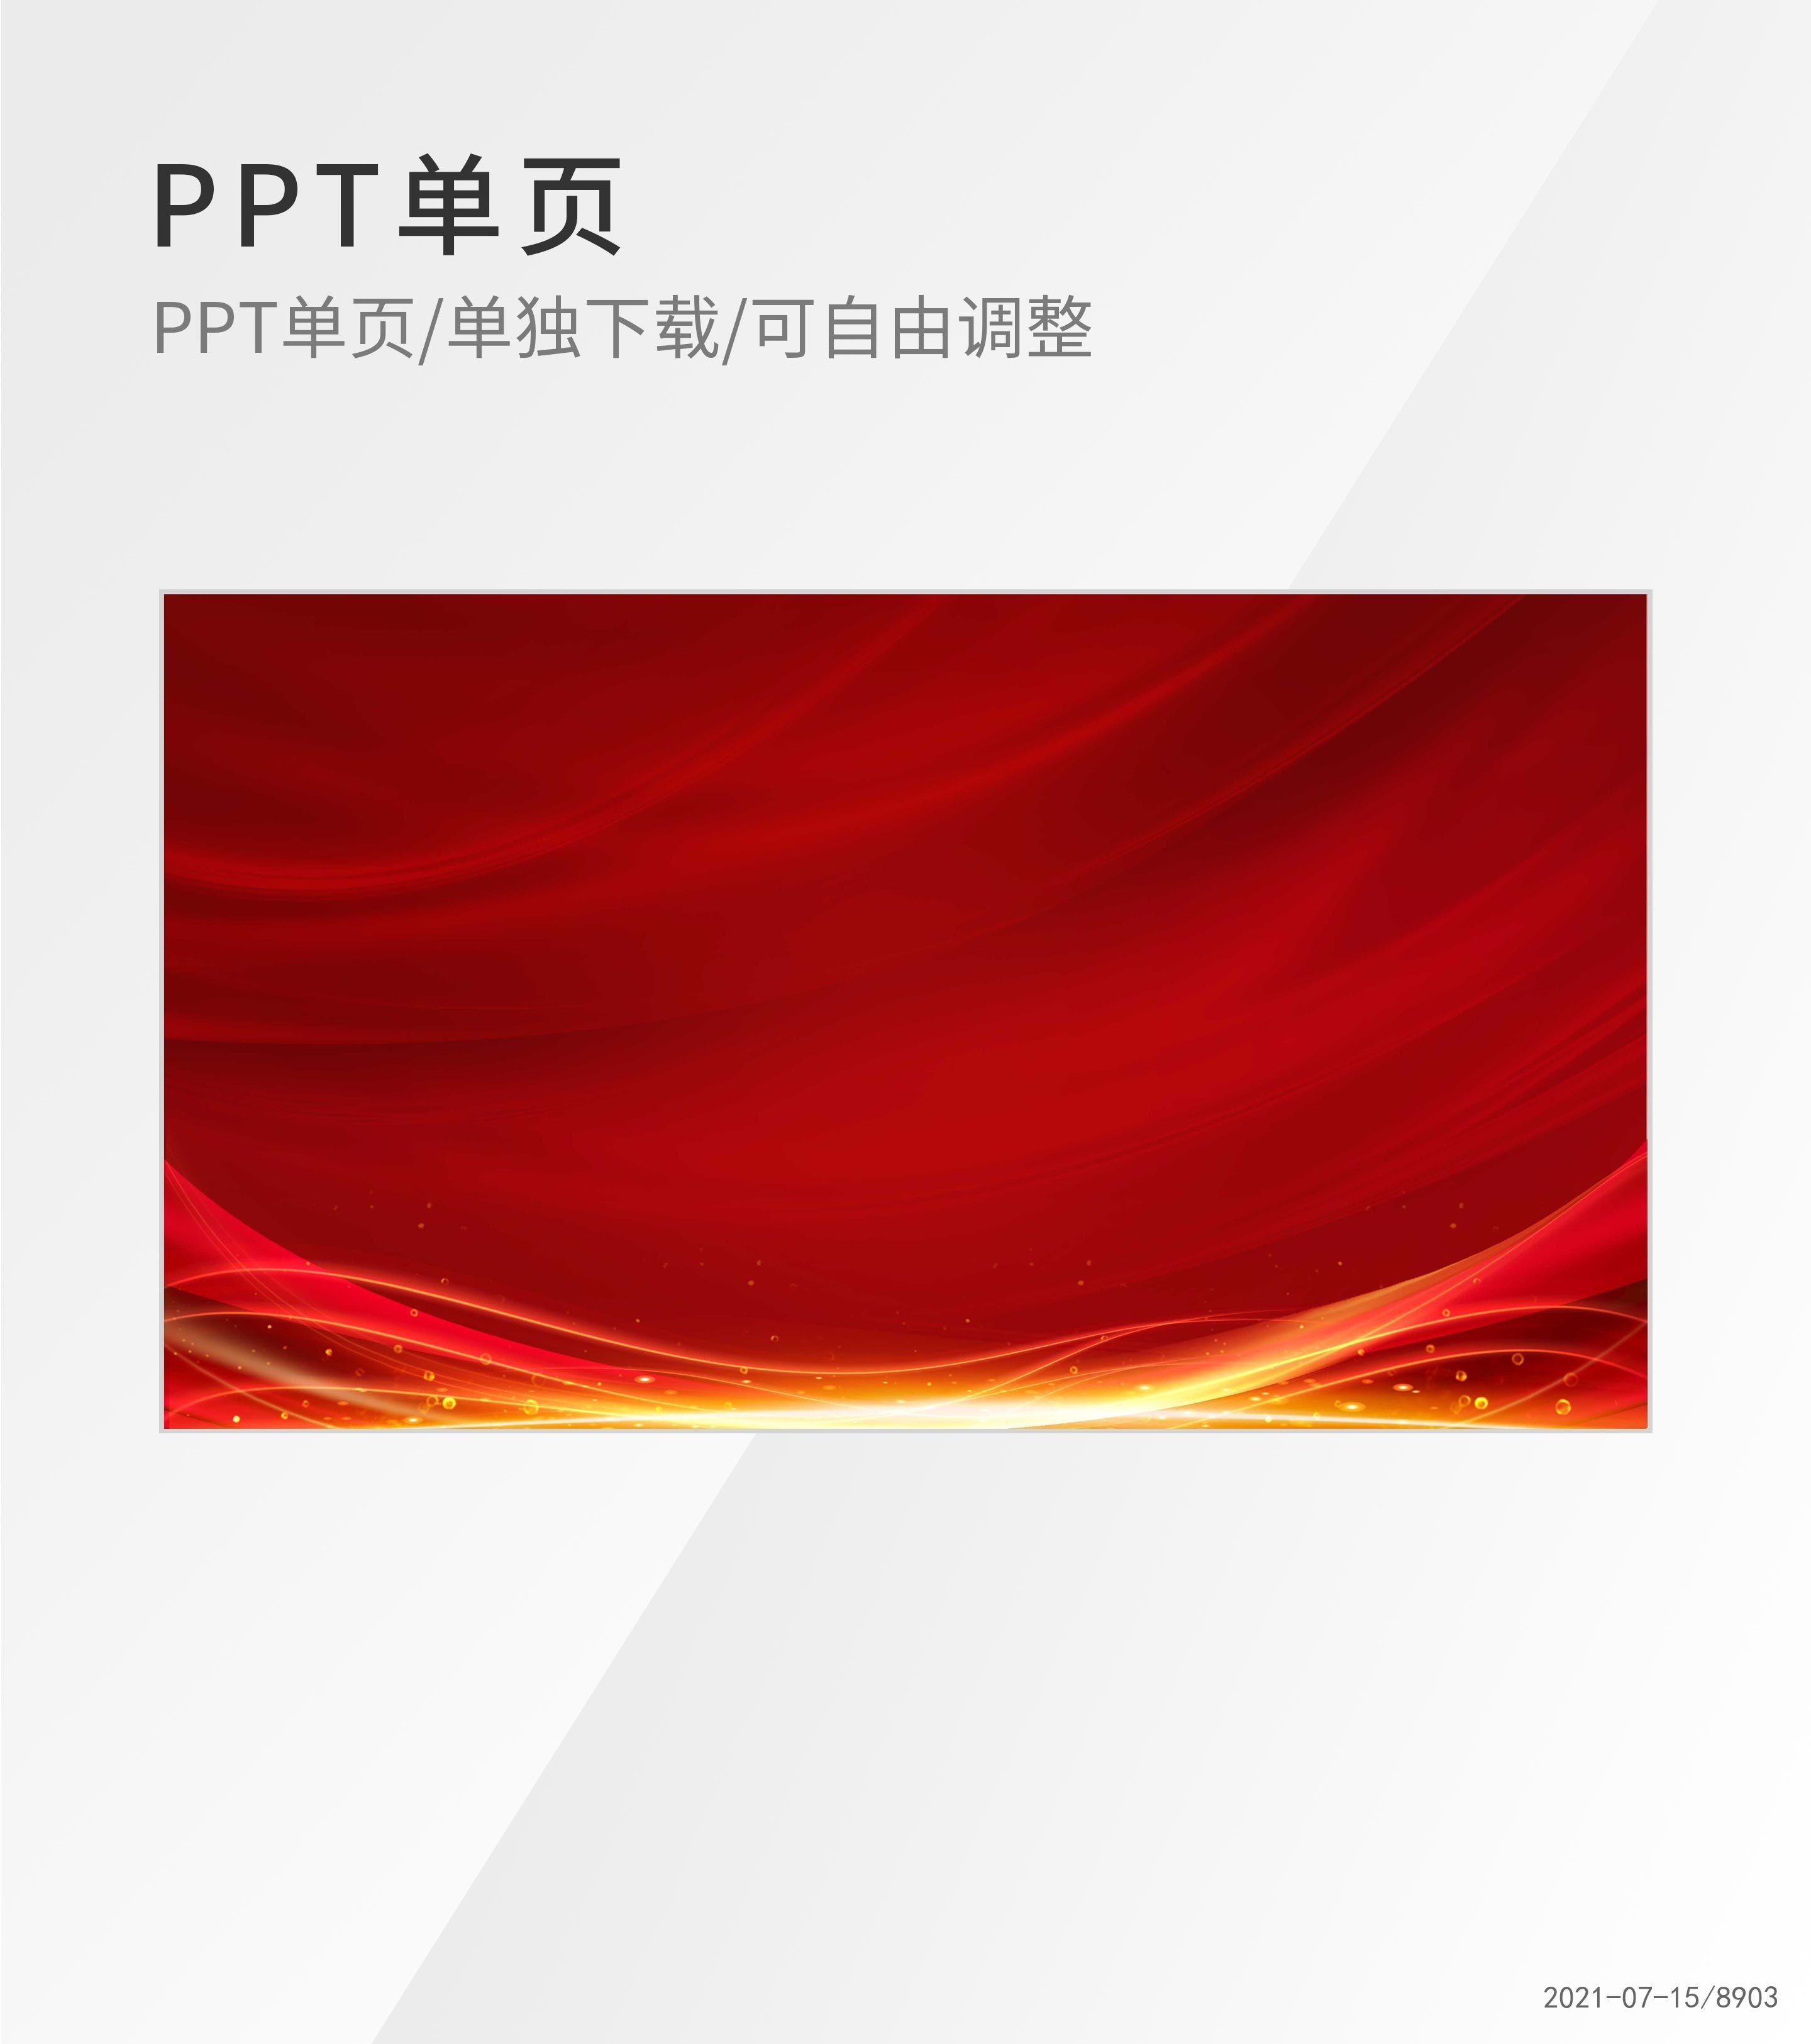 红色党政风PPT封面背景